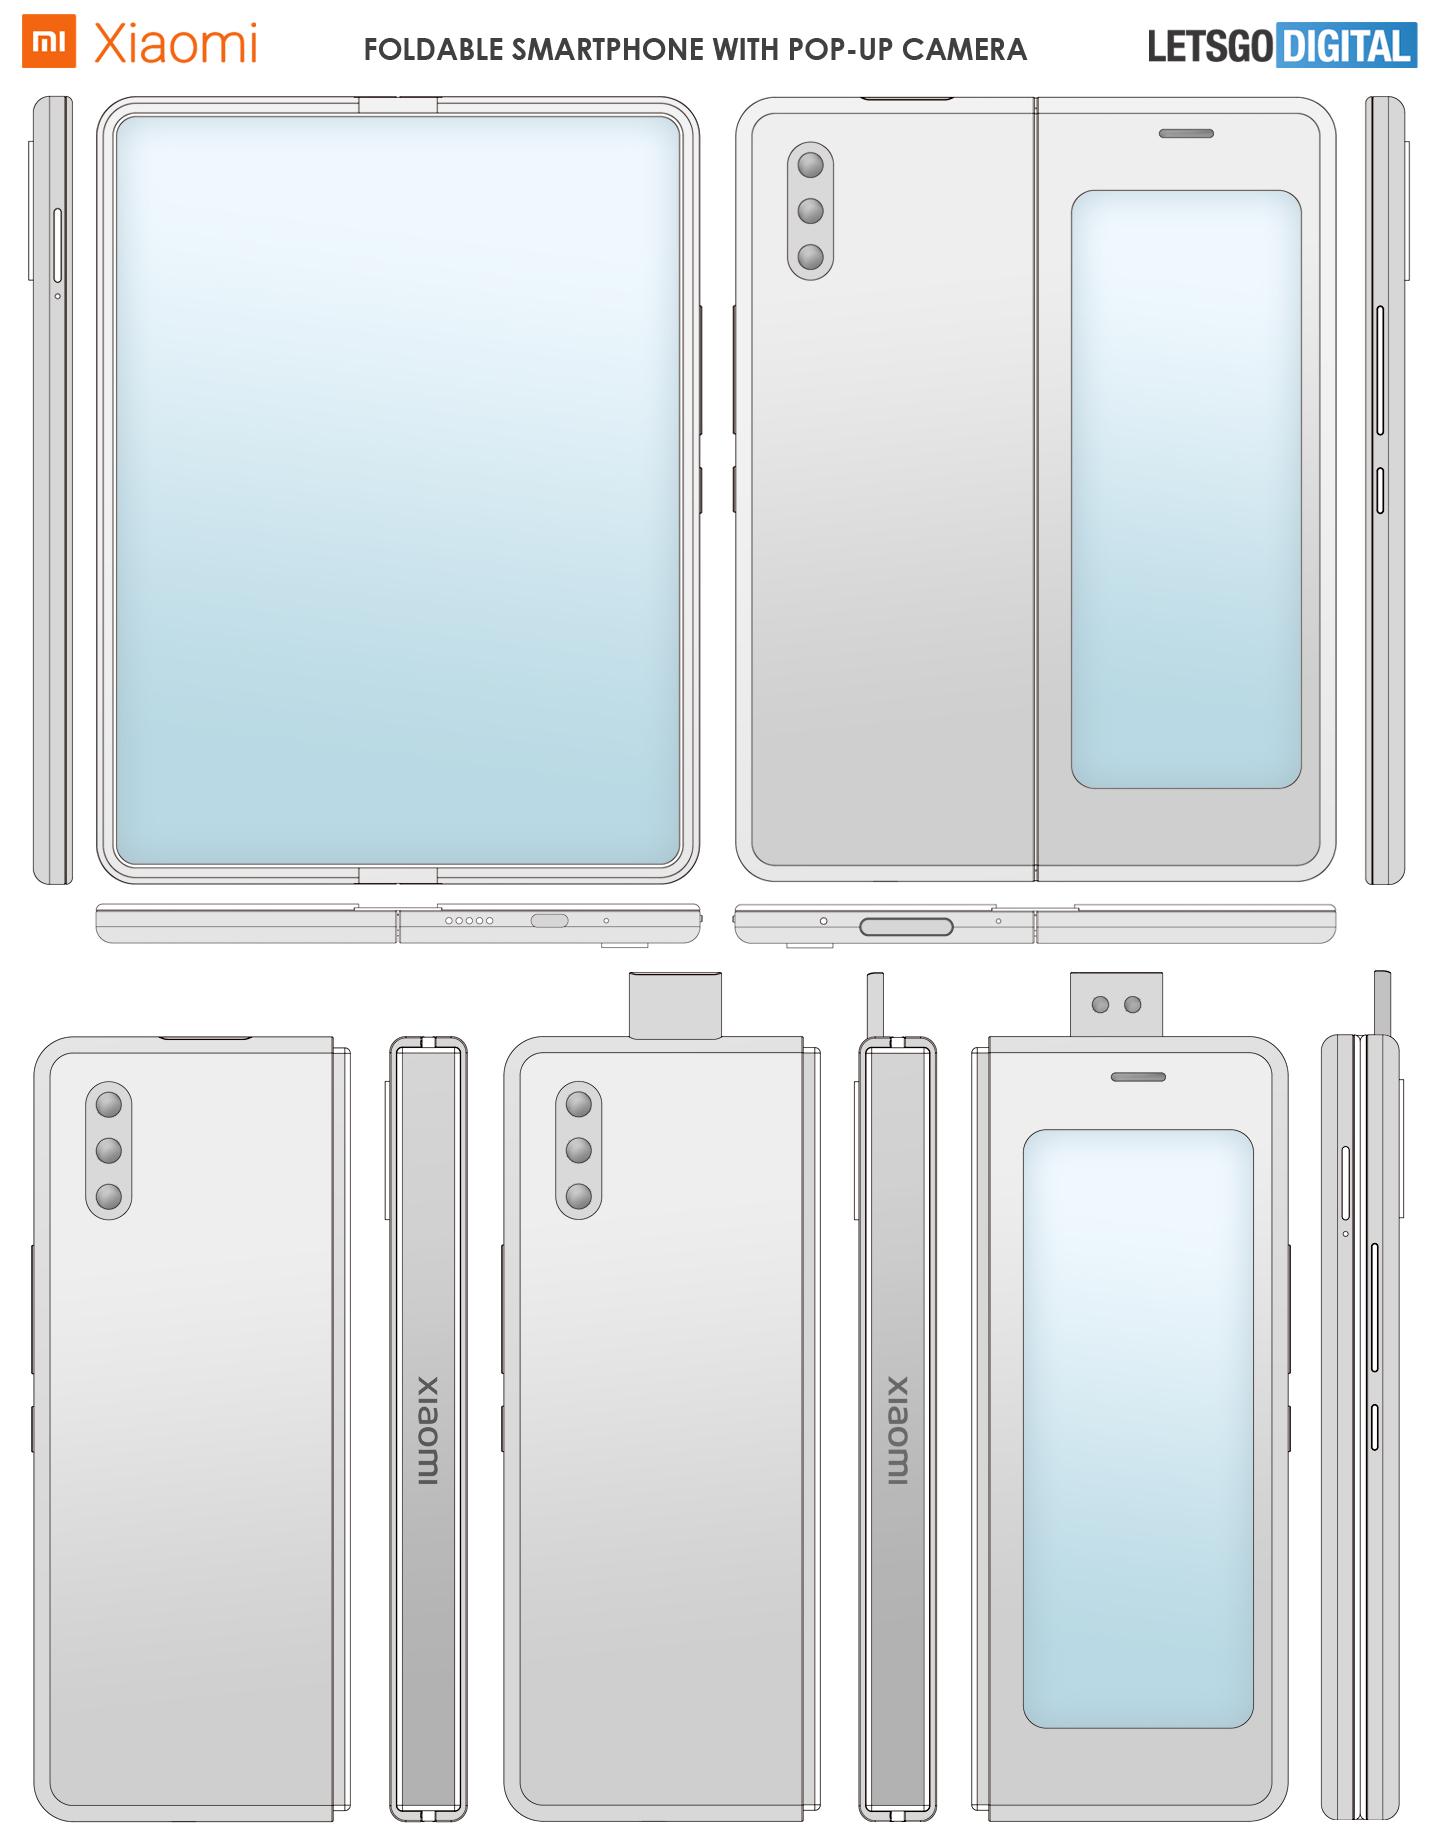 Xiaomi vouwtelefoon met pop-up camera